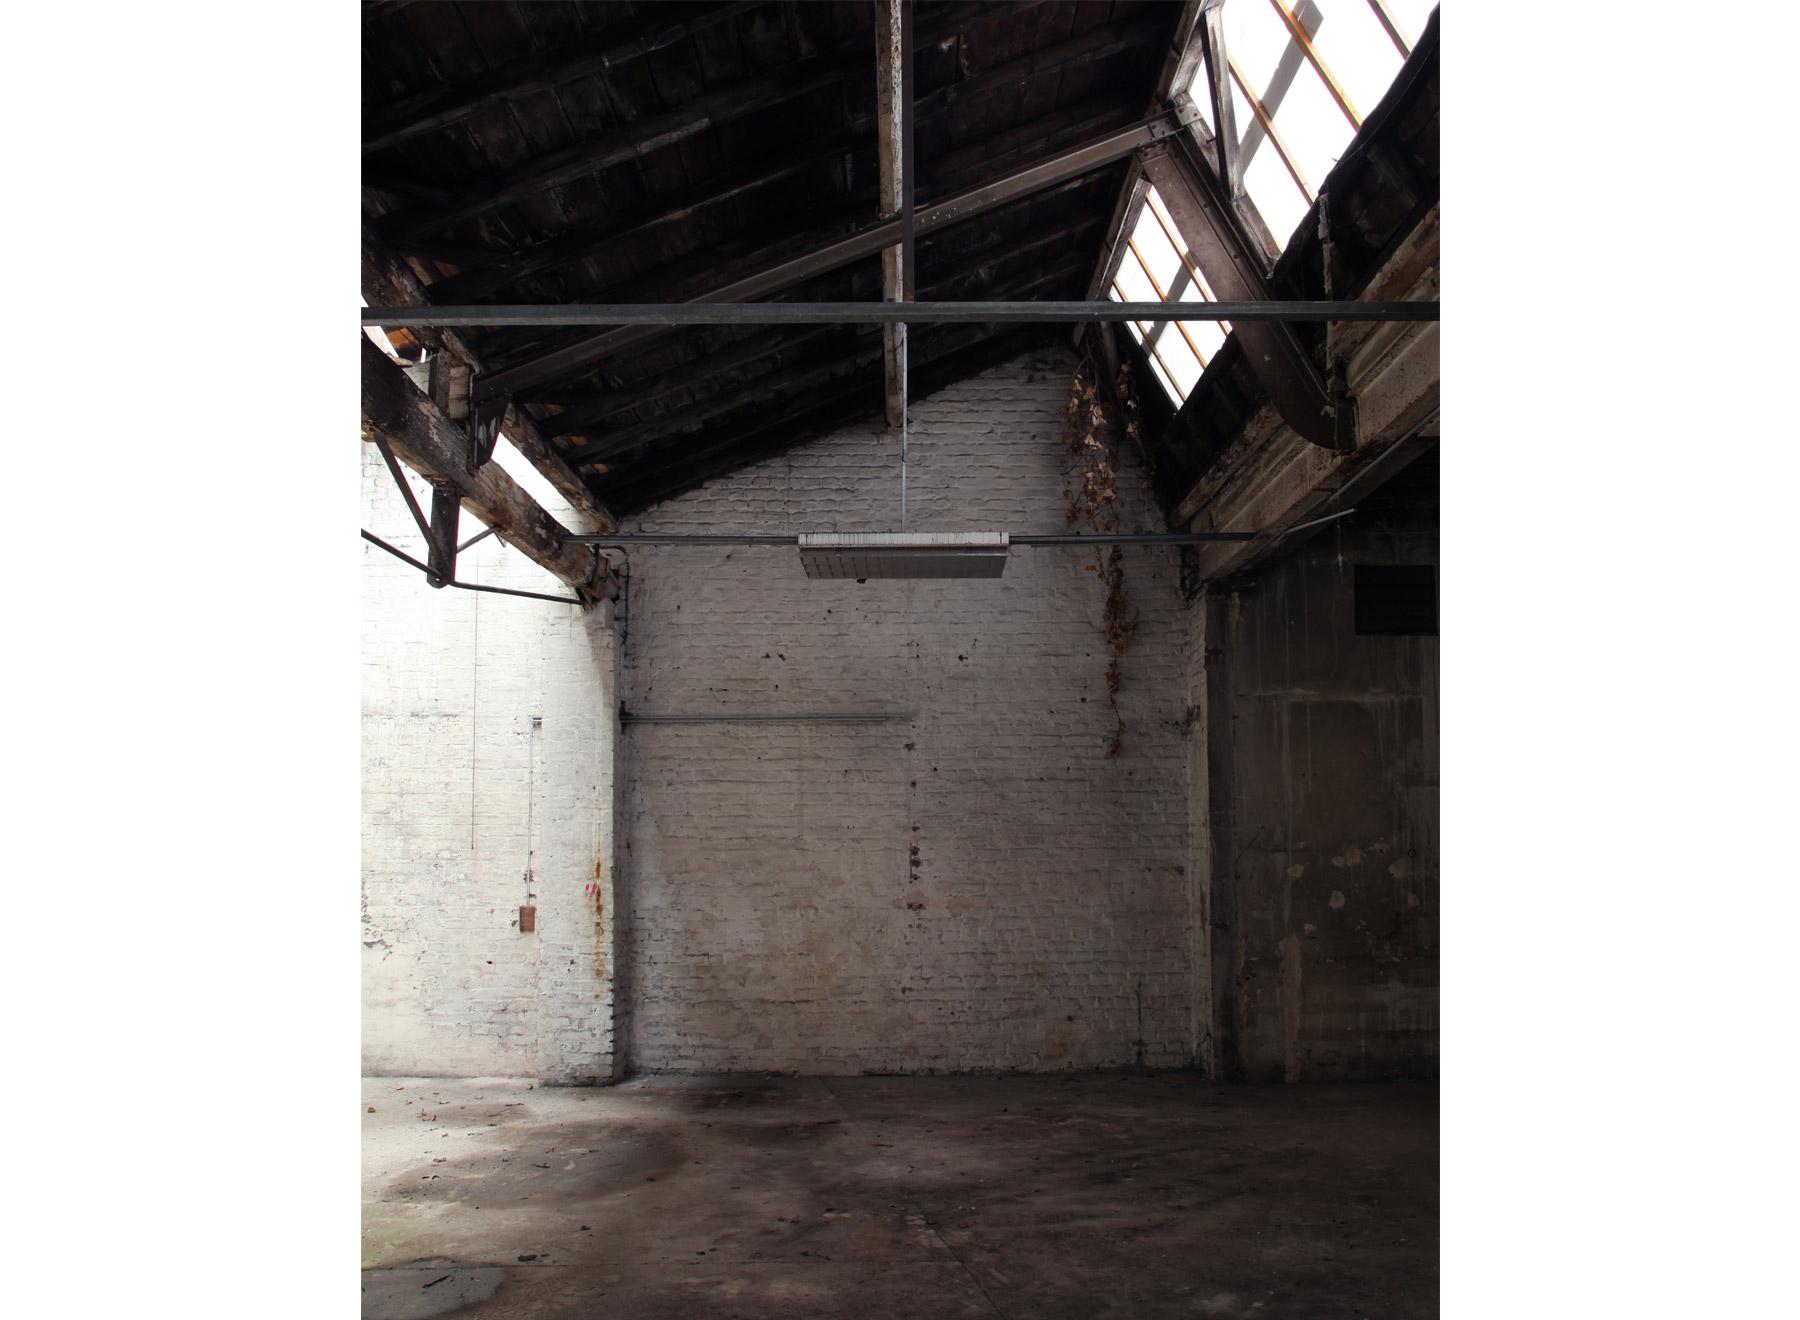 blacksmith workshop, photo: Jan Rothstein, 2012